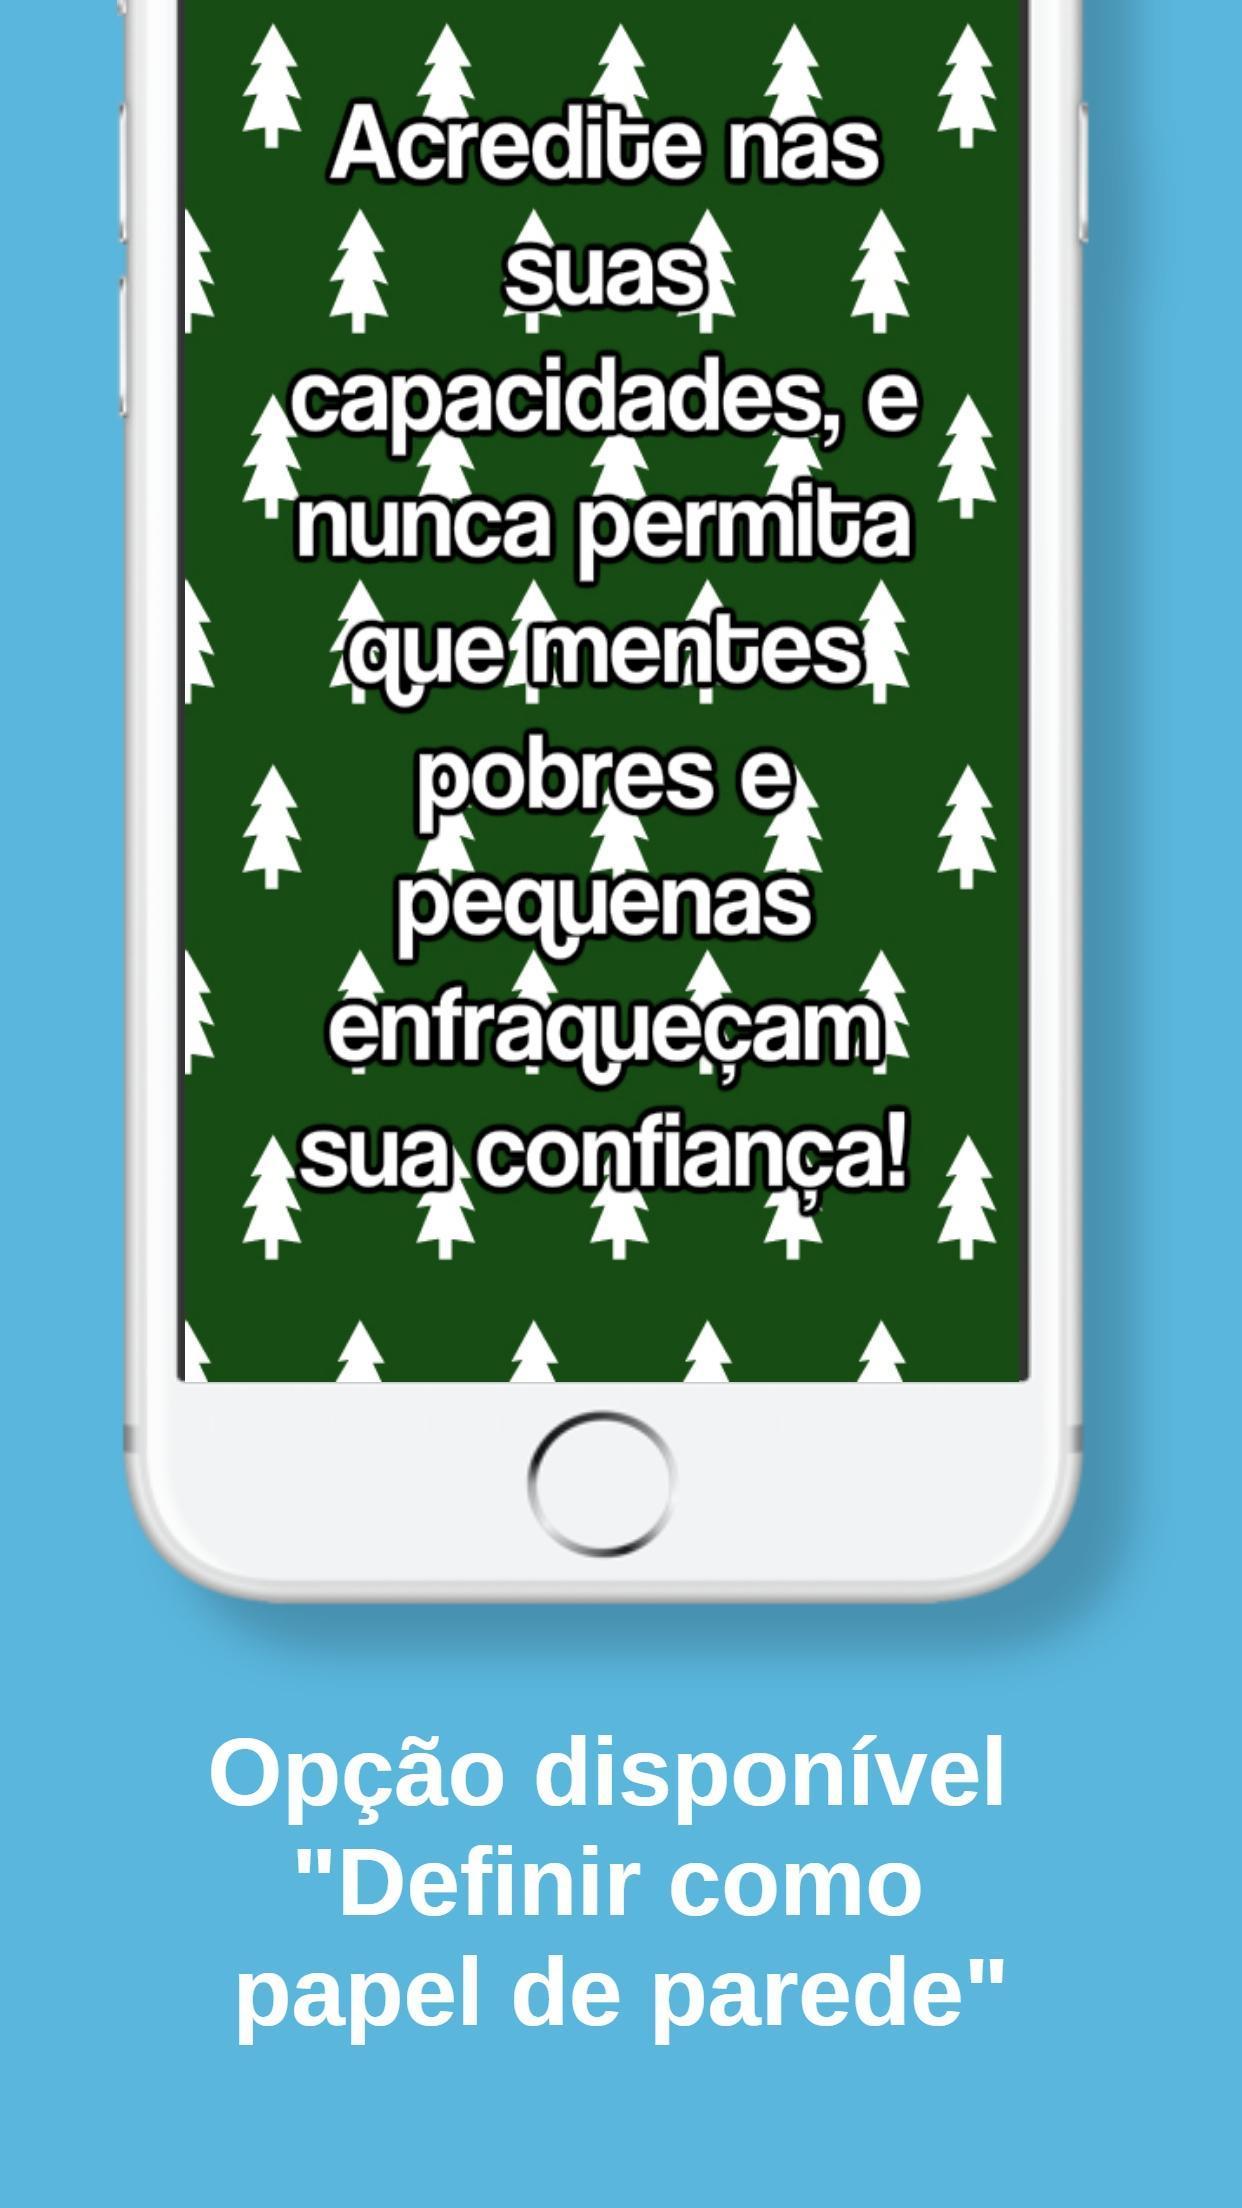 Frases De Auto Confiança For Android Apk Download